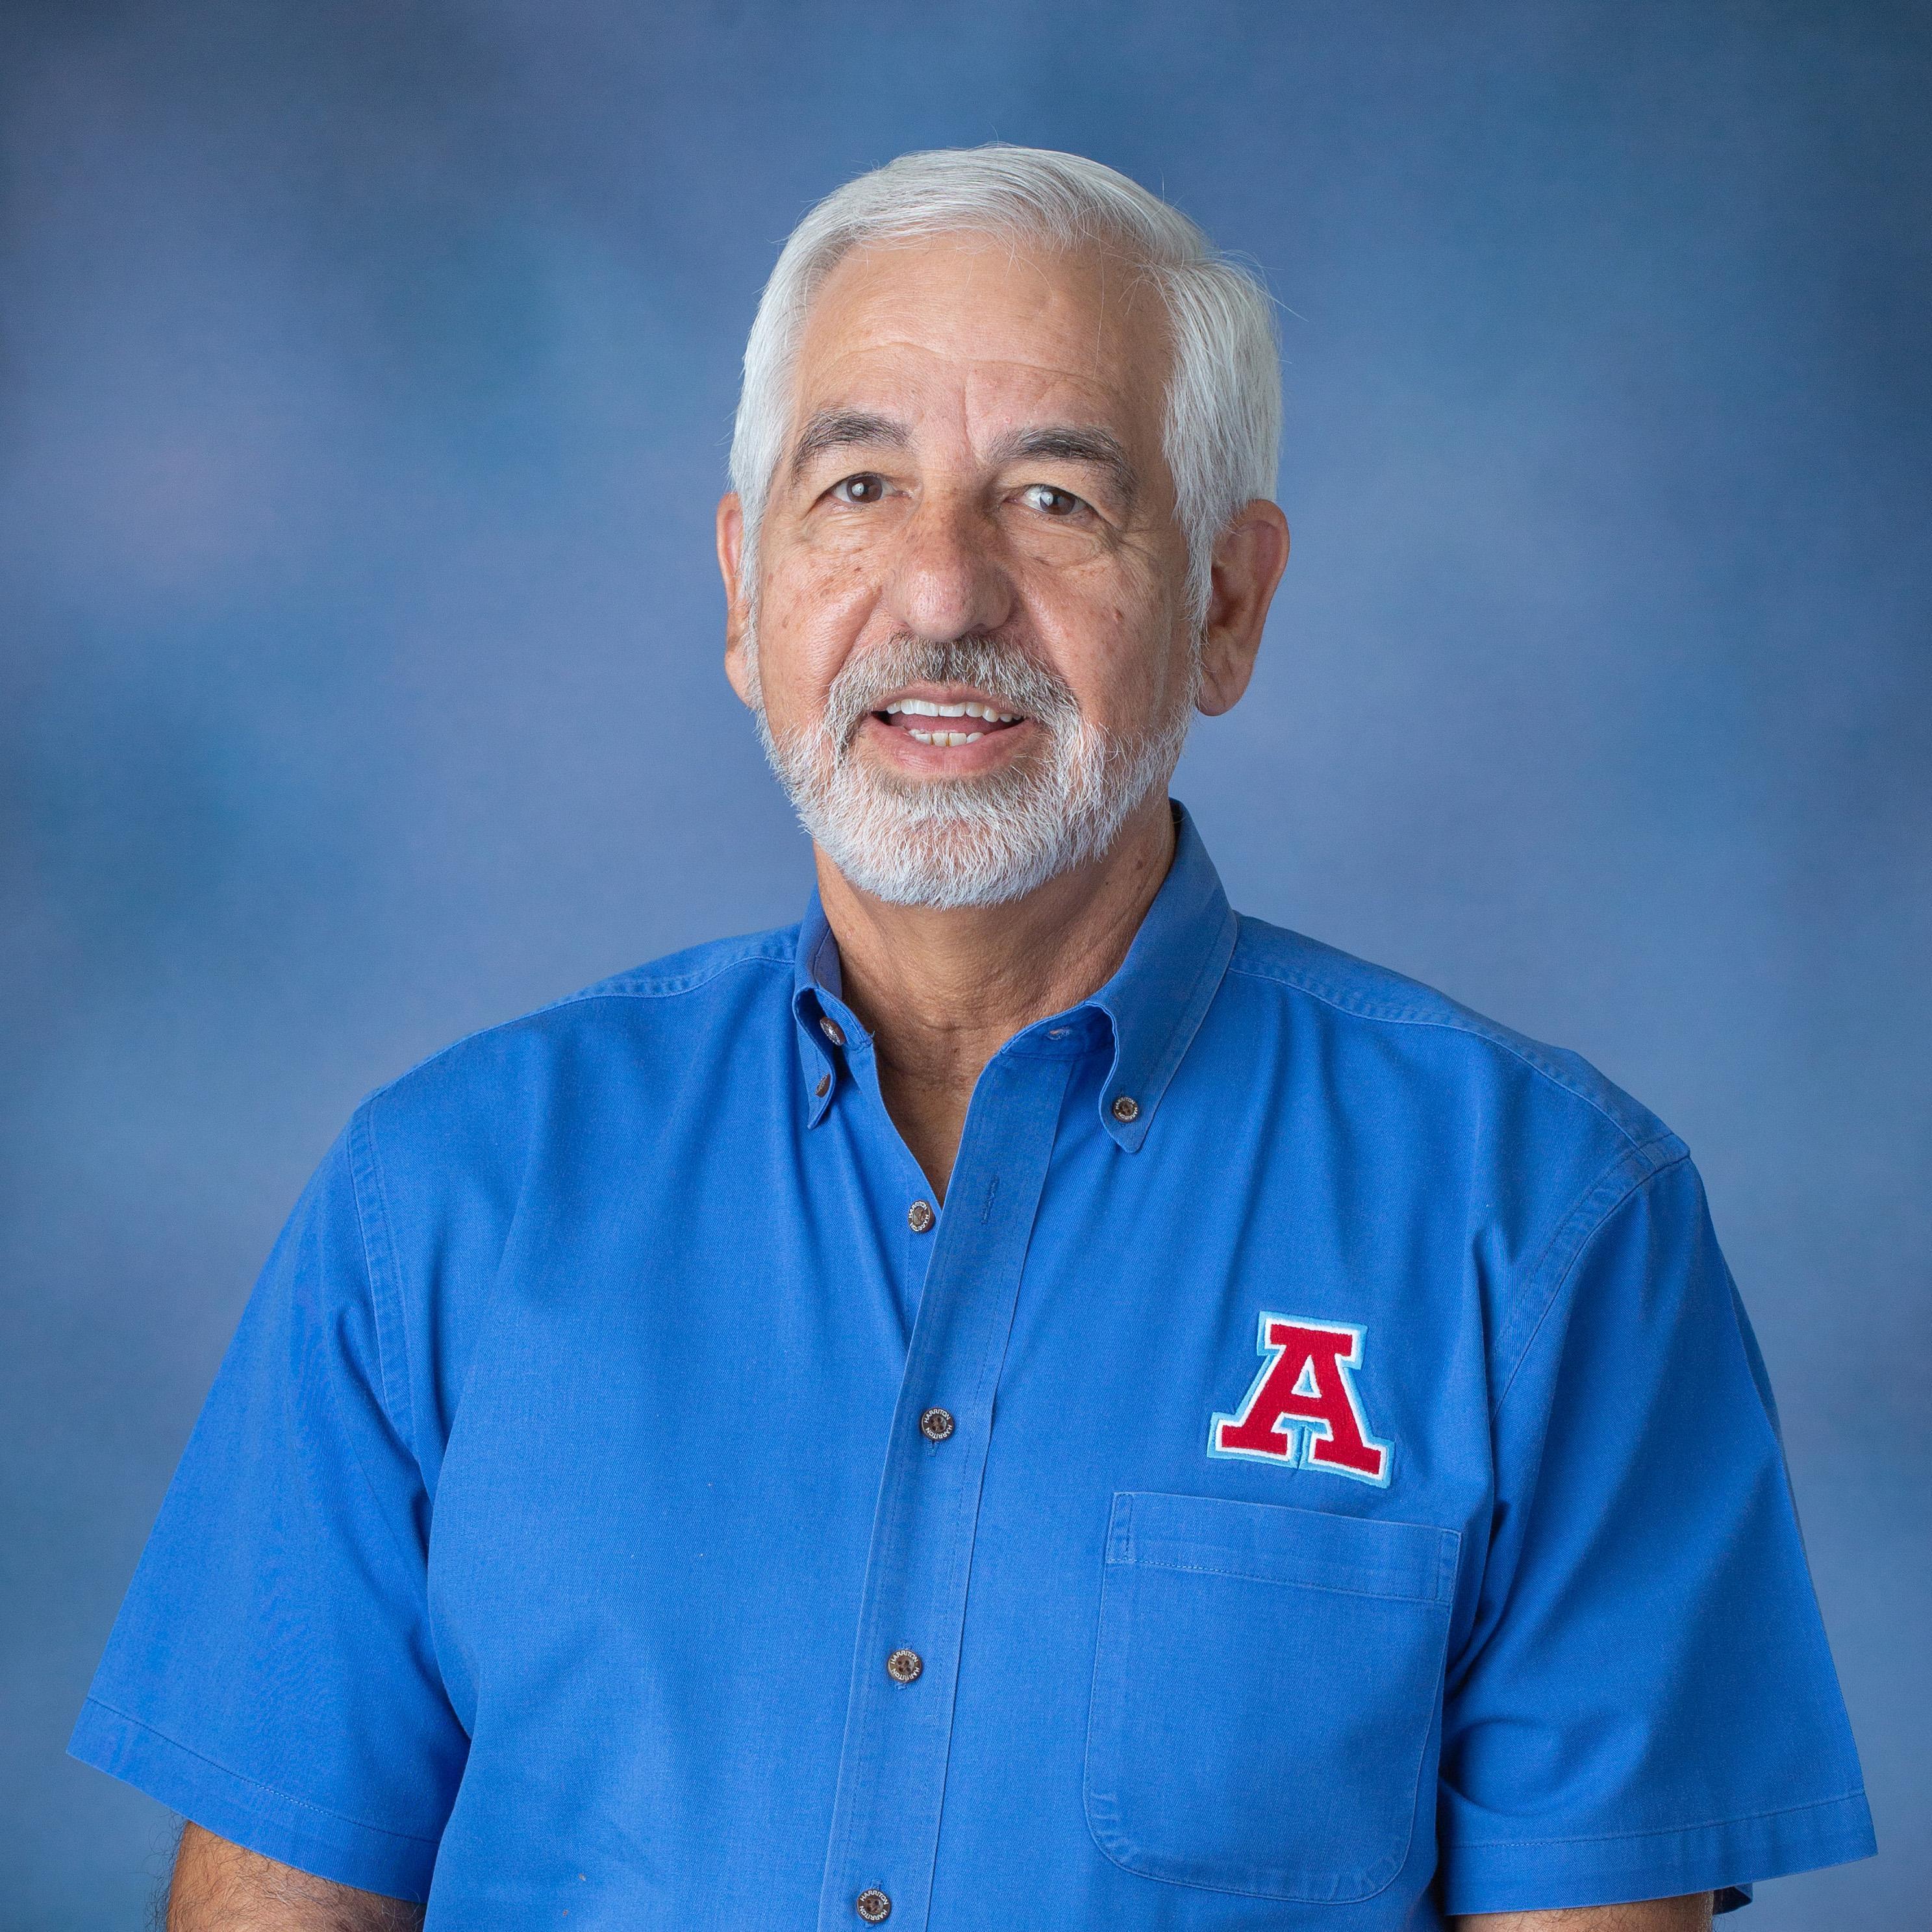 Ric Molinar's Profile Photo